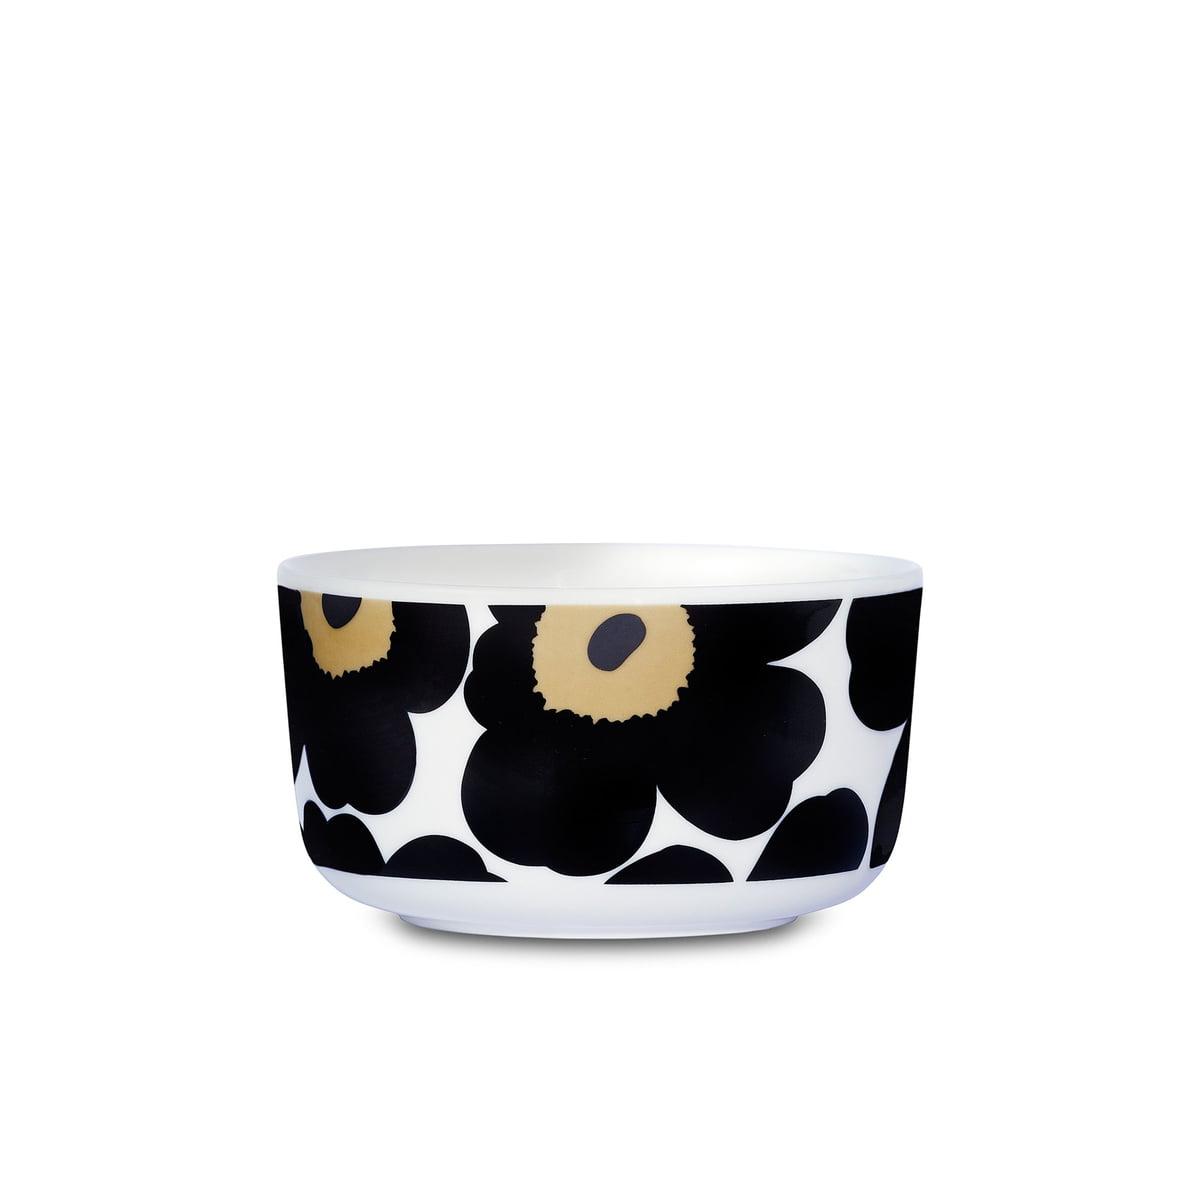 Marimekko - Oiva Unikko Schale 500 ml, schwarz / weiß   Dekoration > Aufbewahrung und Ordnung > Schalen   Mehrfarbig   marimekko